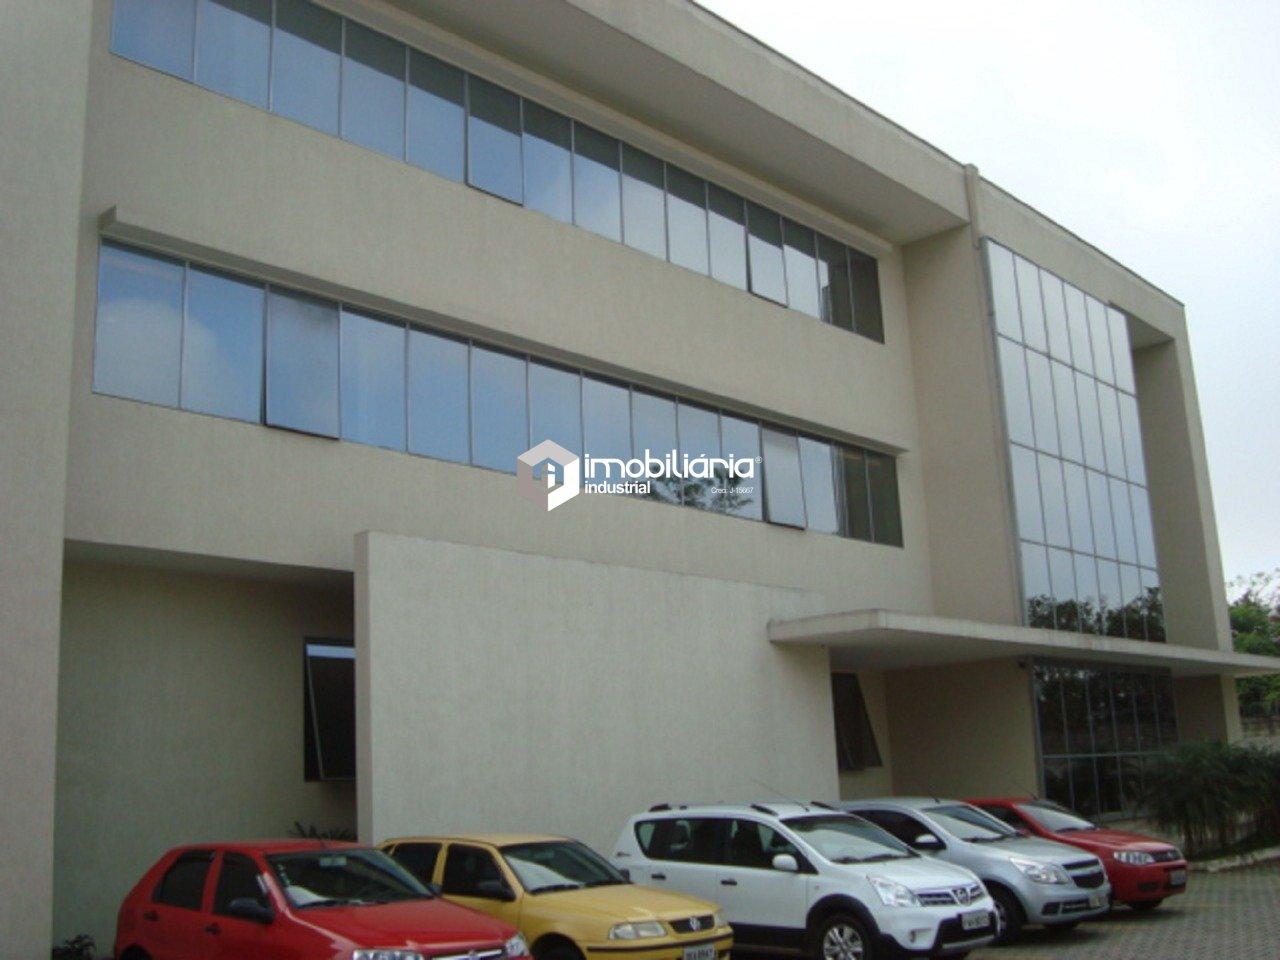 Pavilhão/galpão/depósito para alugar  no Bom sucesso - Guarulhos, SP. Imóveis